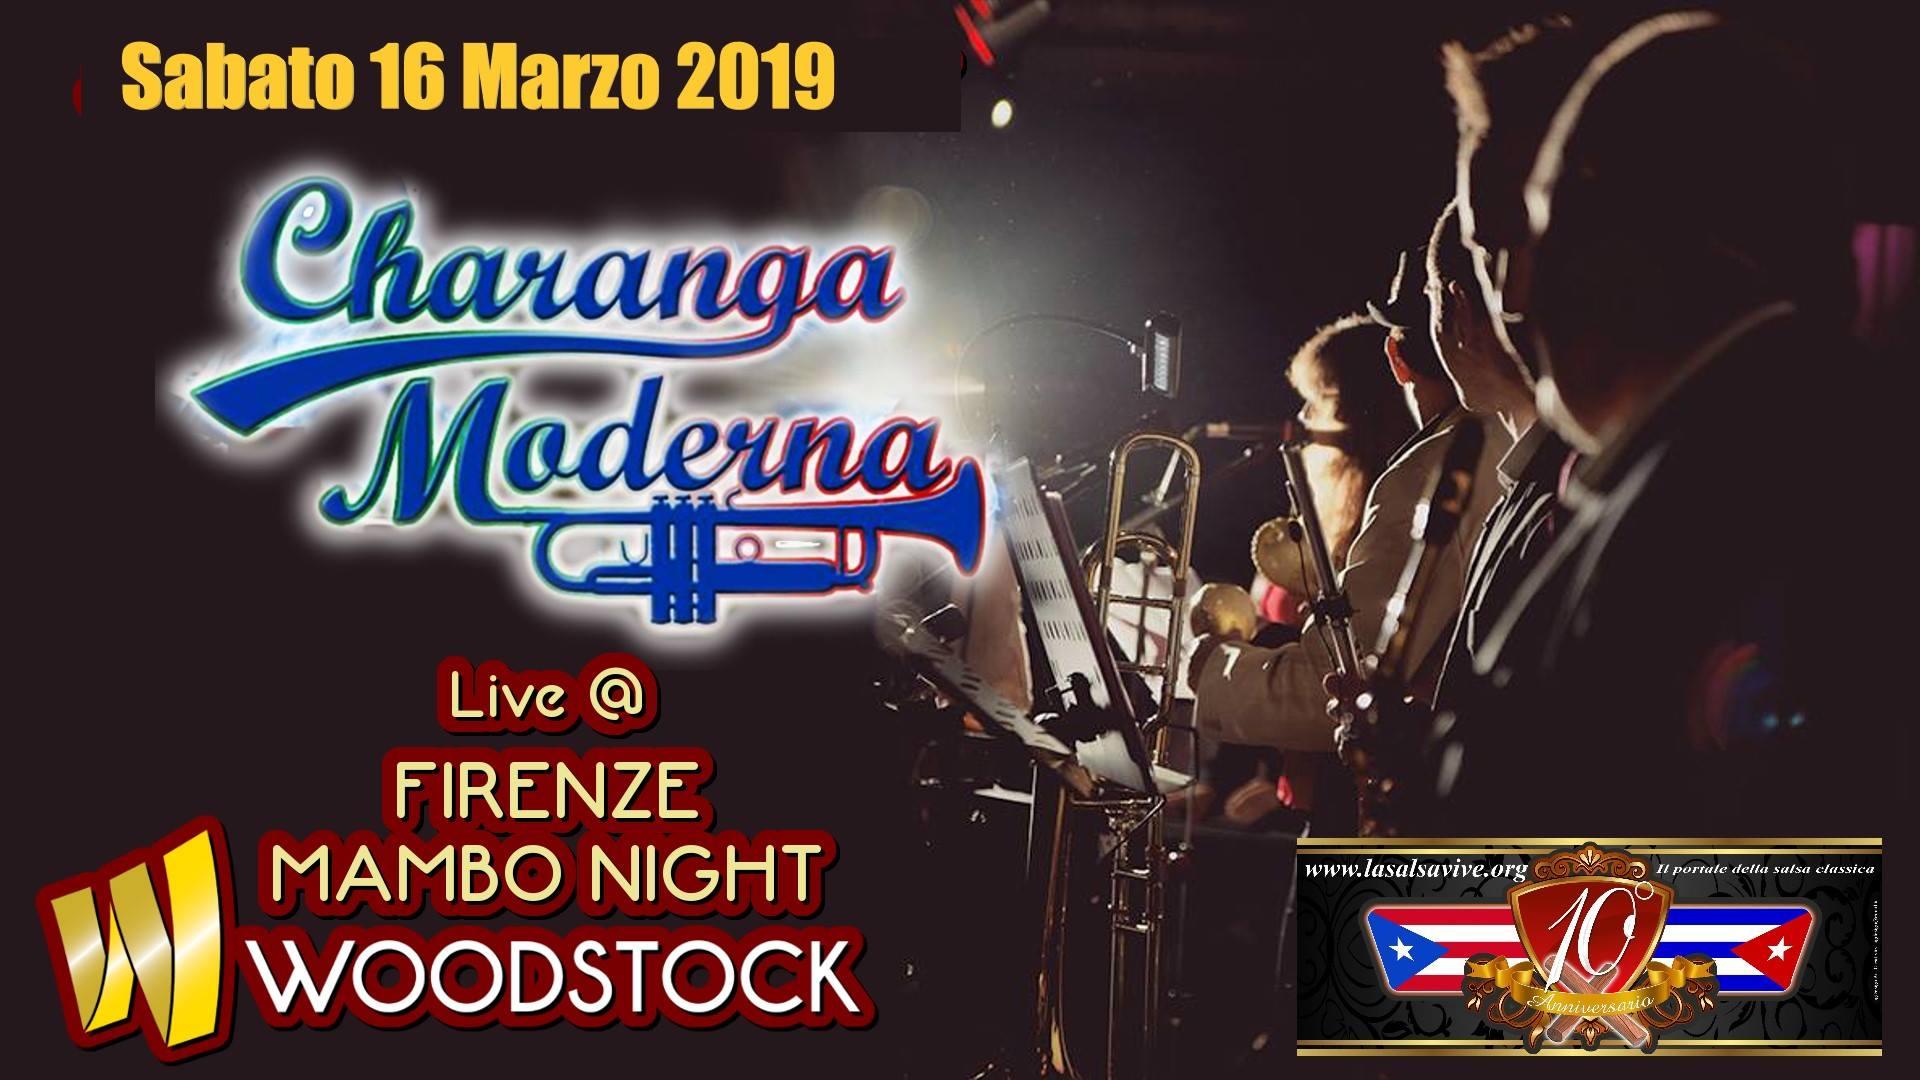 Concerto live della Charanga Moderna al Firenze Mambo Night, sabato 16 marzo 2019